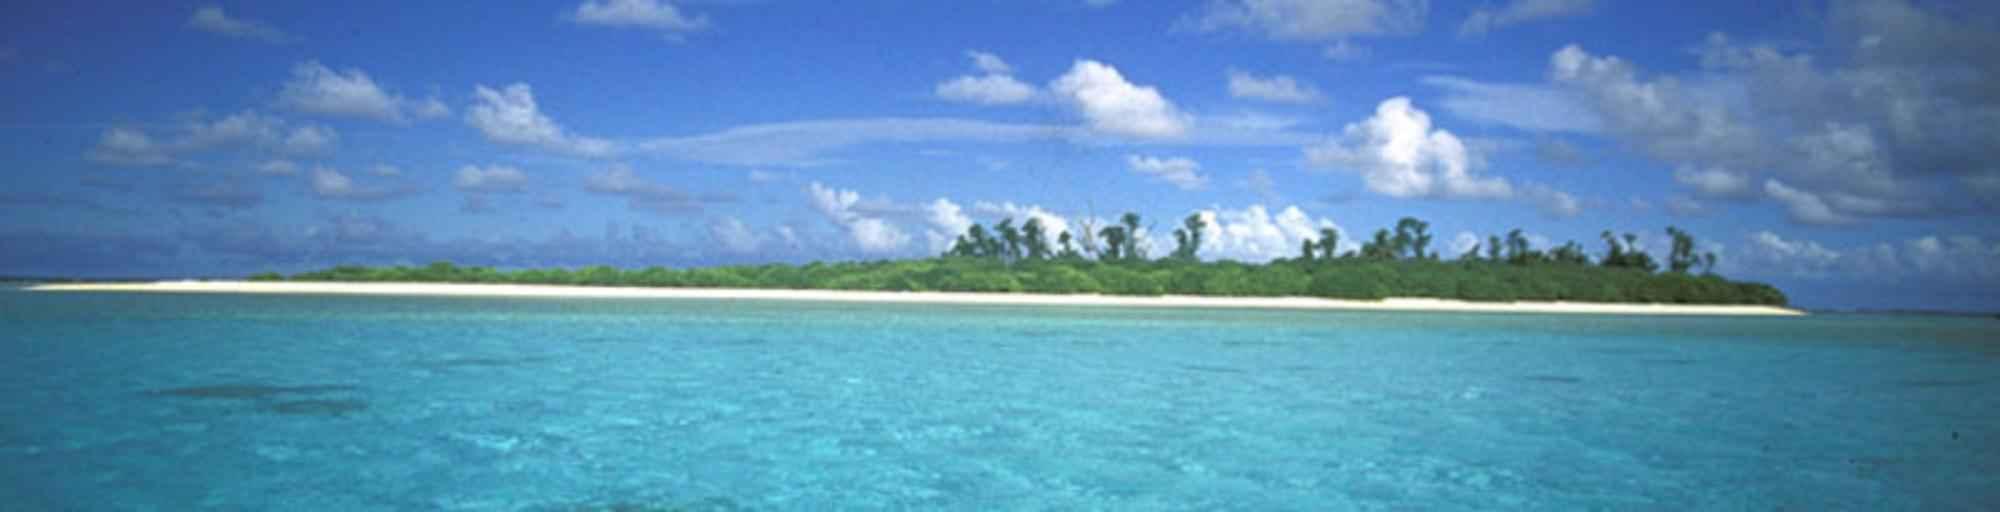 Paysage 2000 se rapportant à image libre: tropical, marin, environnement, scénique, paysage